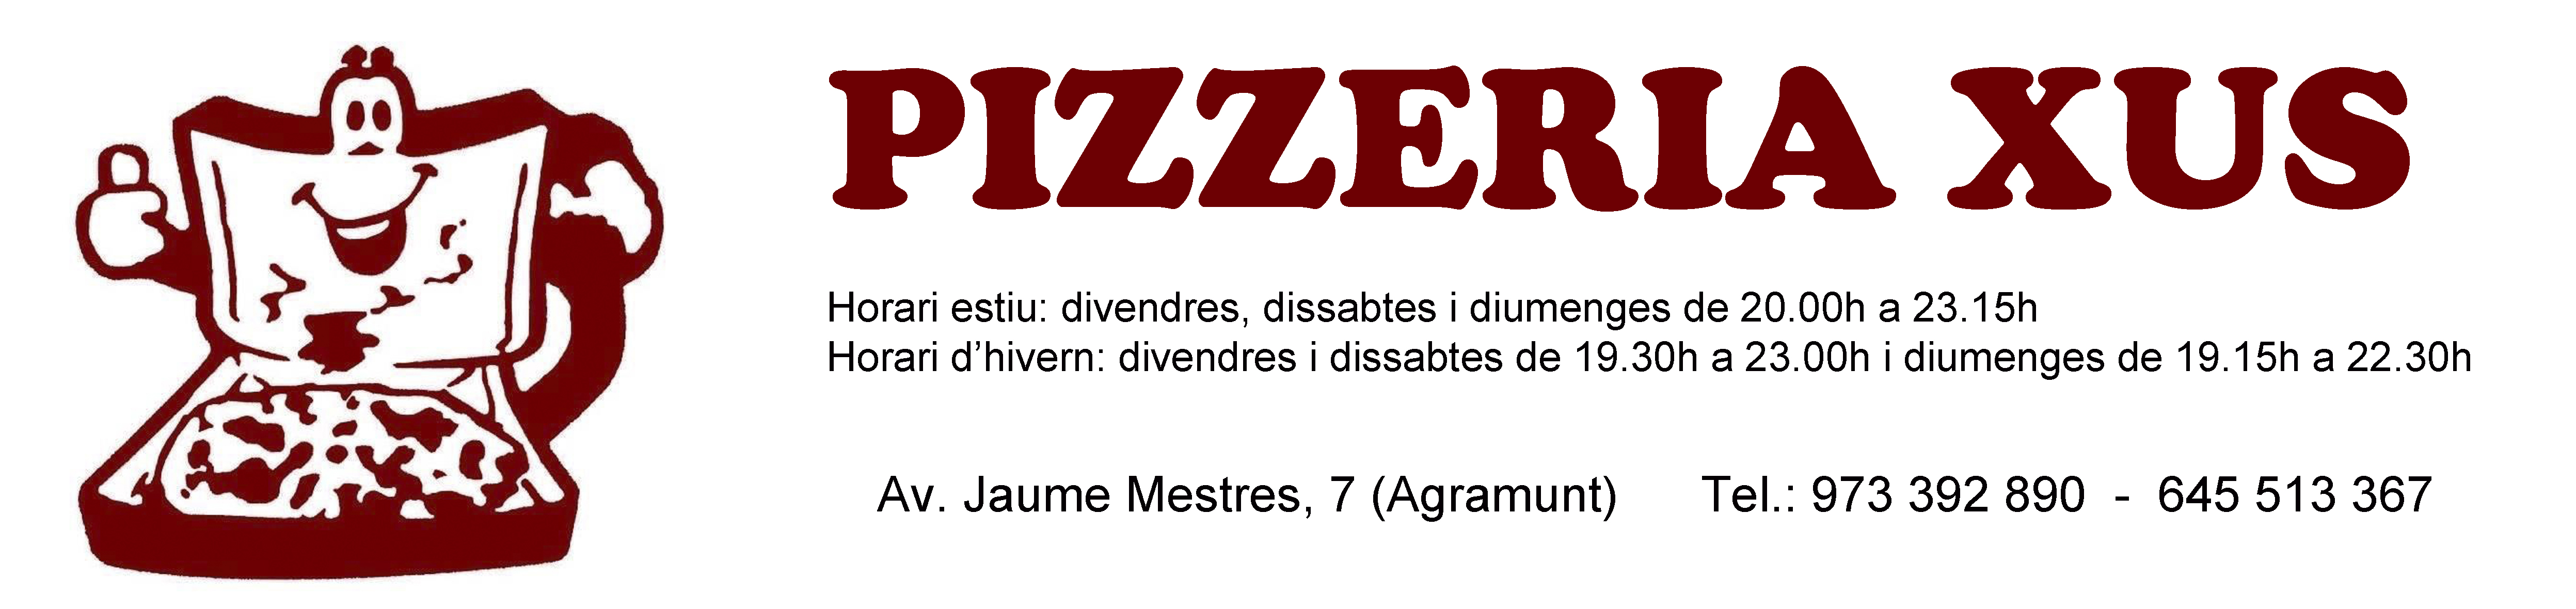 Pizzeria Xus